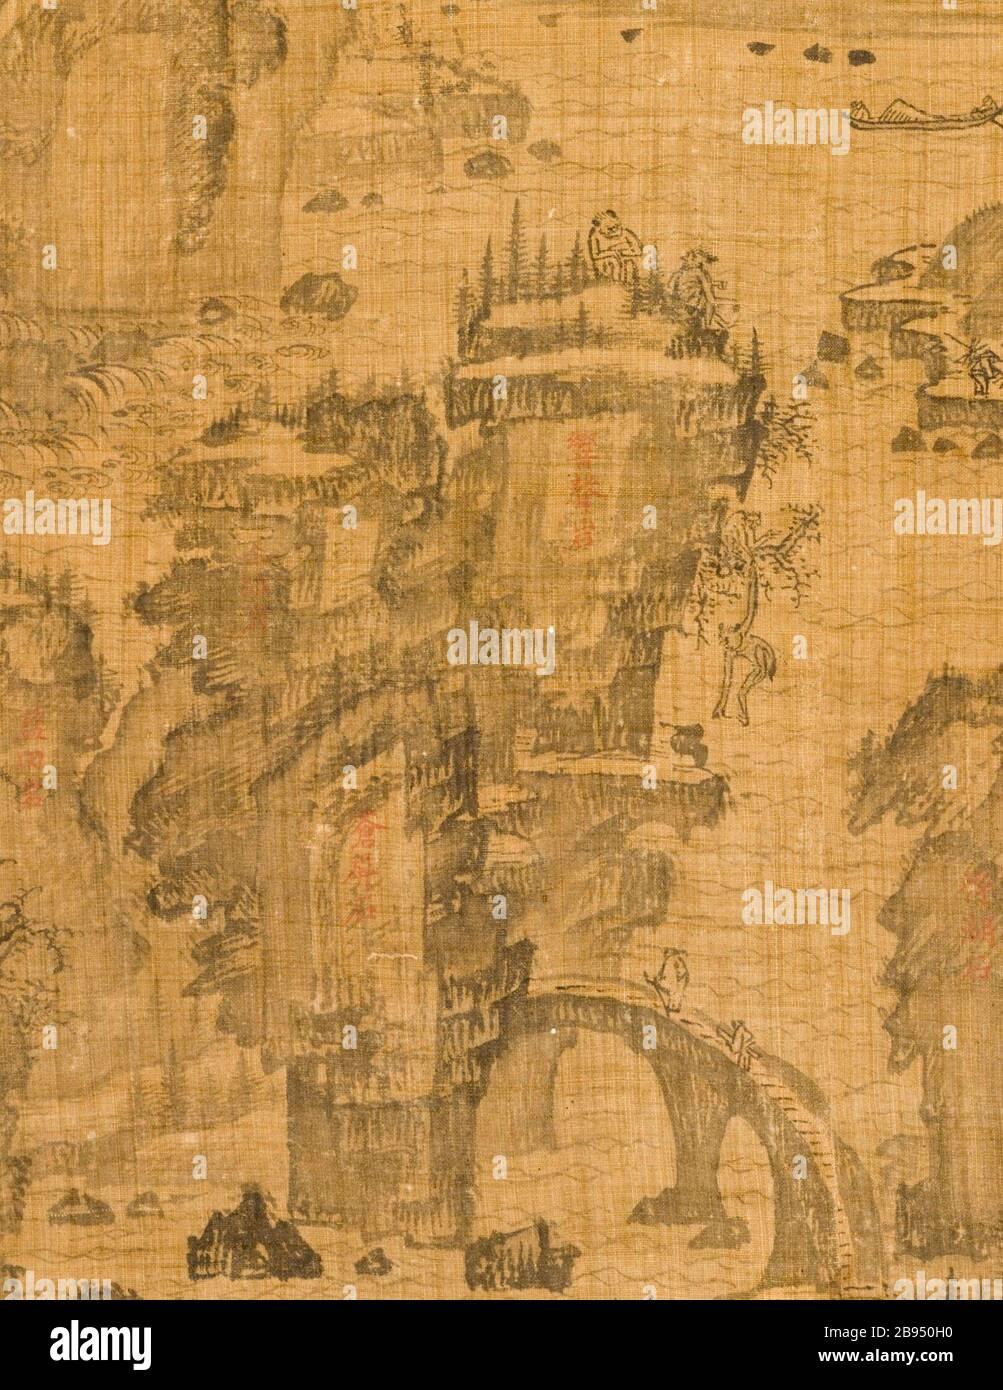 """""""Le sixième des neuf virages Le Mont Wuyi, Chine (image 3 de 5); Anglais: Corée, Korean, Dynastie Joseon (1392-1910), 17e siècle encre, défilement pendaison sur ramie chanvre ou de droit: 20 3/4 x 23 1/8 in. (52,71 x 58,74 cm); le mont: 48 3/4 x 25 in. (123,83 x 63,5 cm); rouleau presseur: 27 1/4 in. (69,22 cm) achetés avec les fonds du musée (M2000.15.20); l'art coréen date du 17ème siècle QS:P571,+1650-00-00T00:00:00Z/7; ' Banque D'Images"""